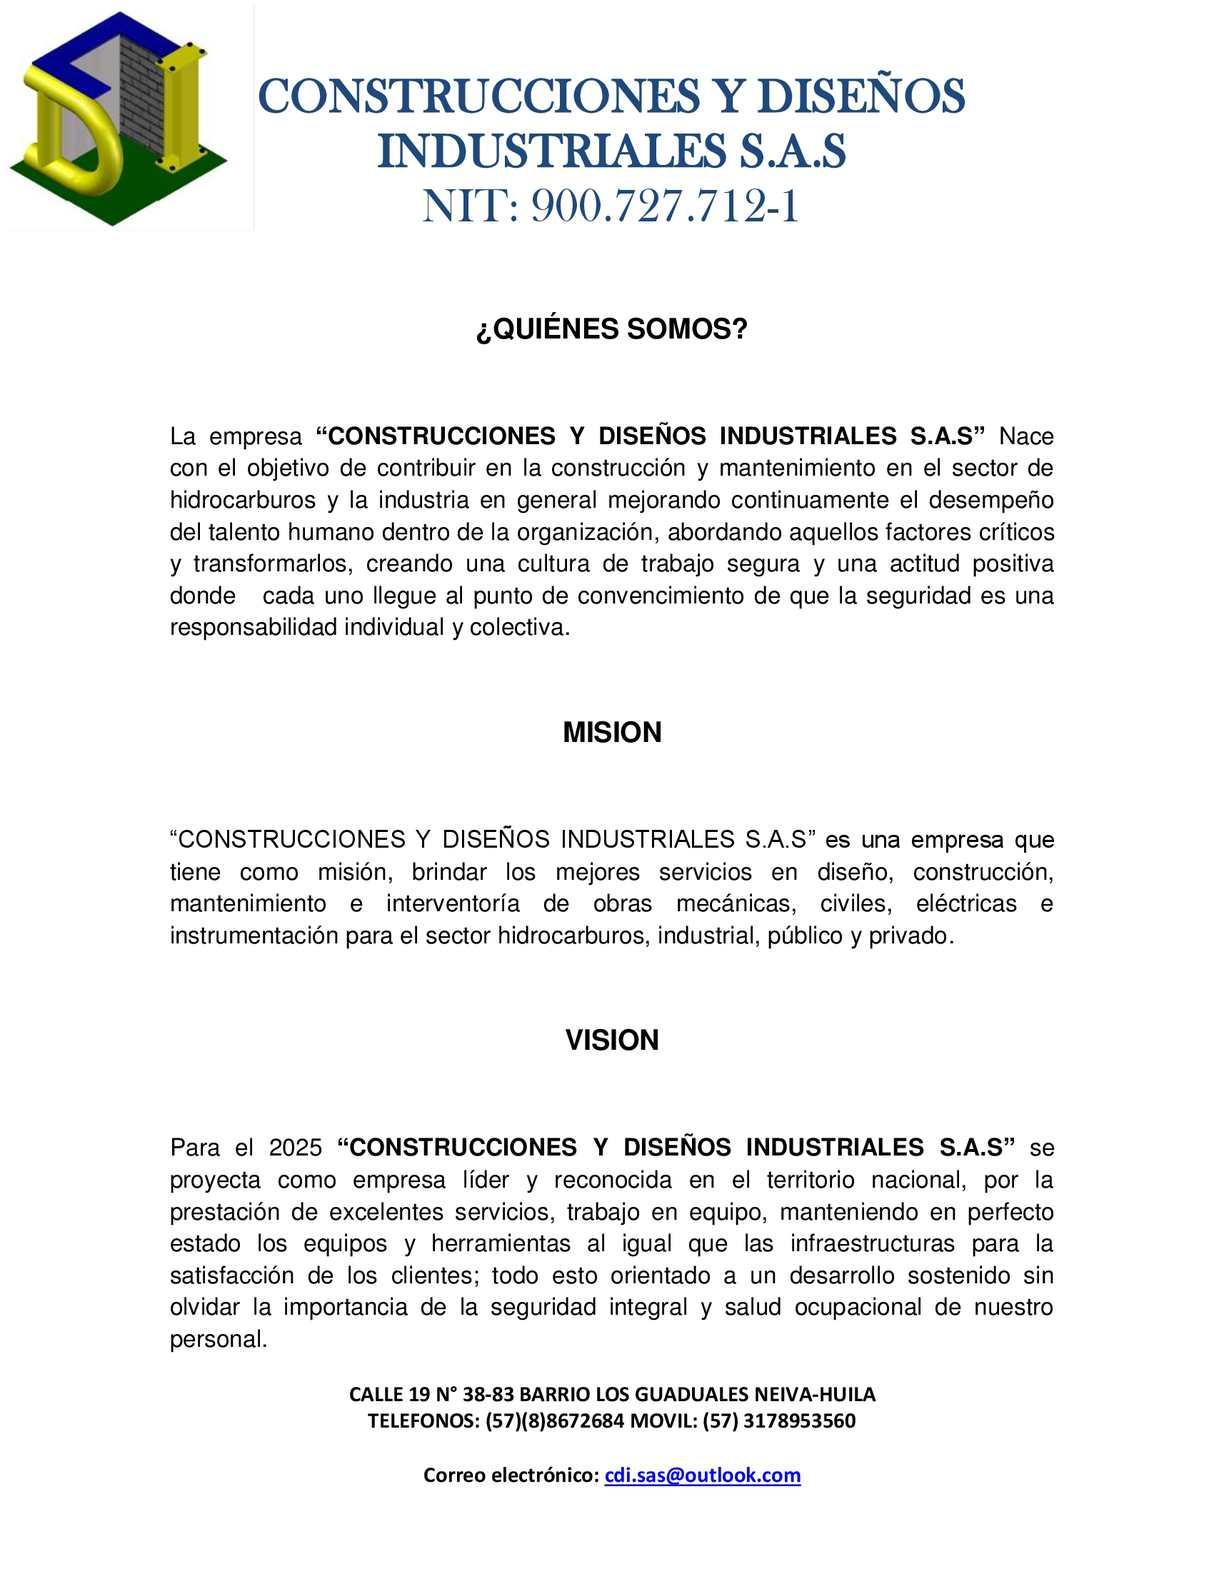 carta presentacion empresa - Selo.l-ink.co